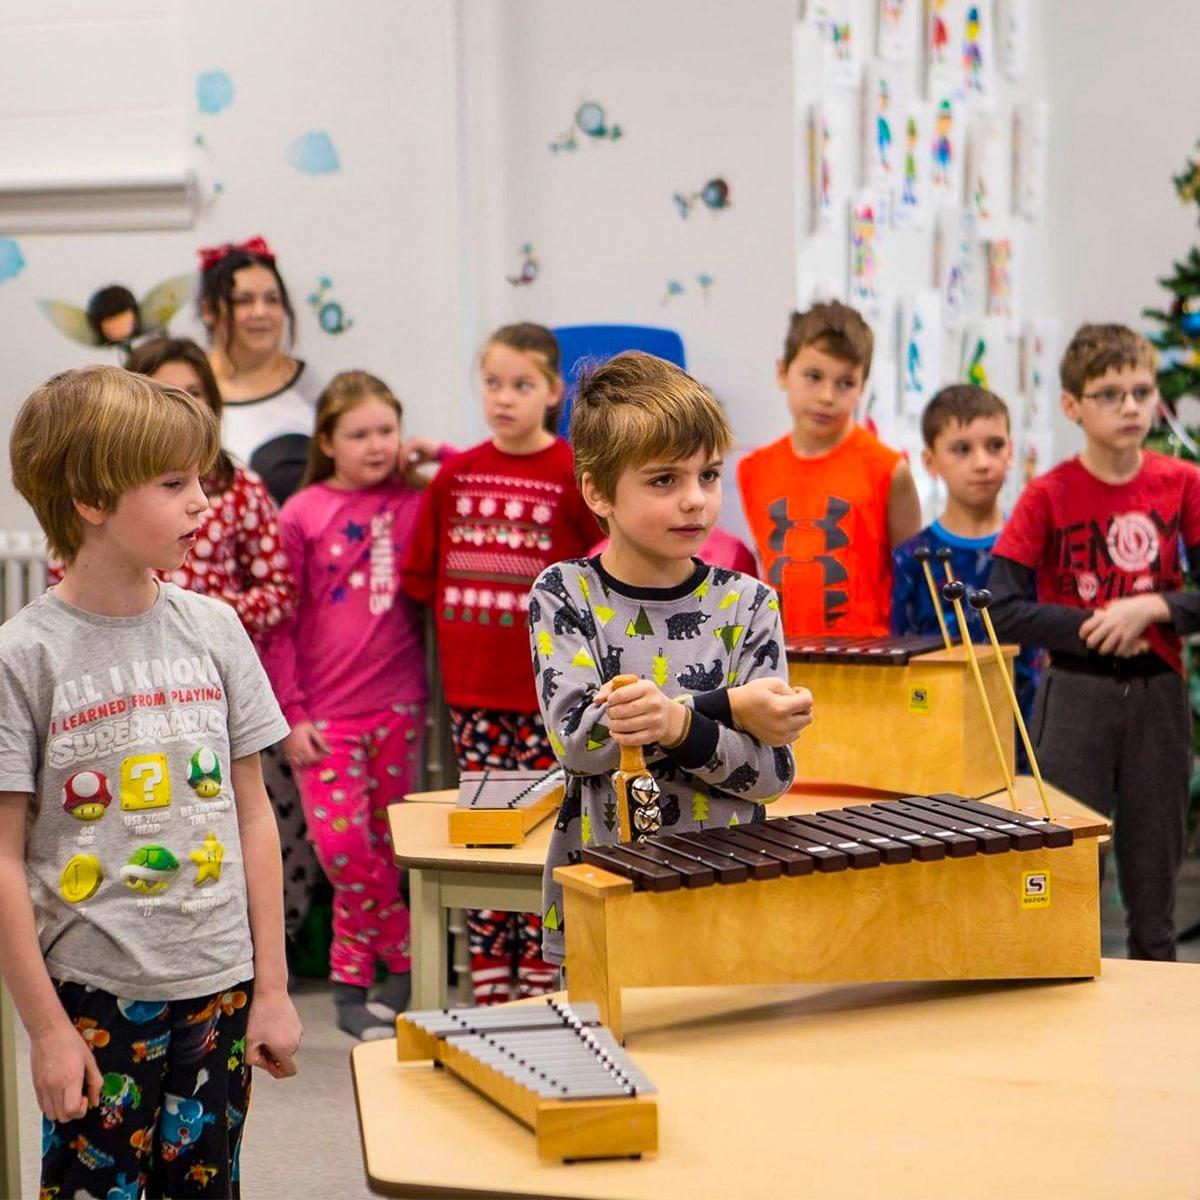 Photo d'une classe d'enfants dans un cours de musique